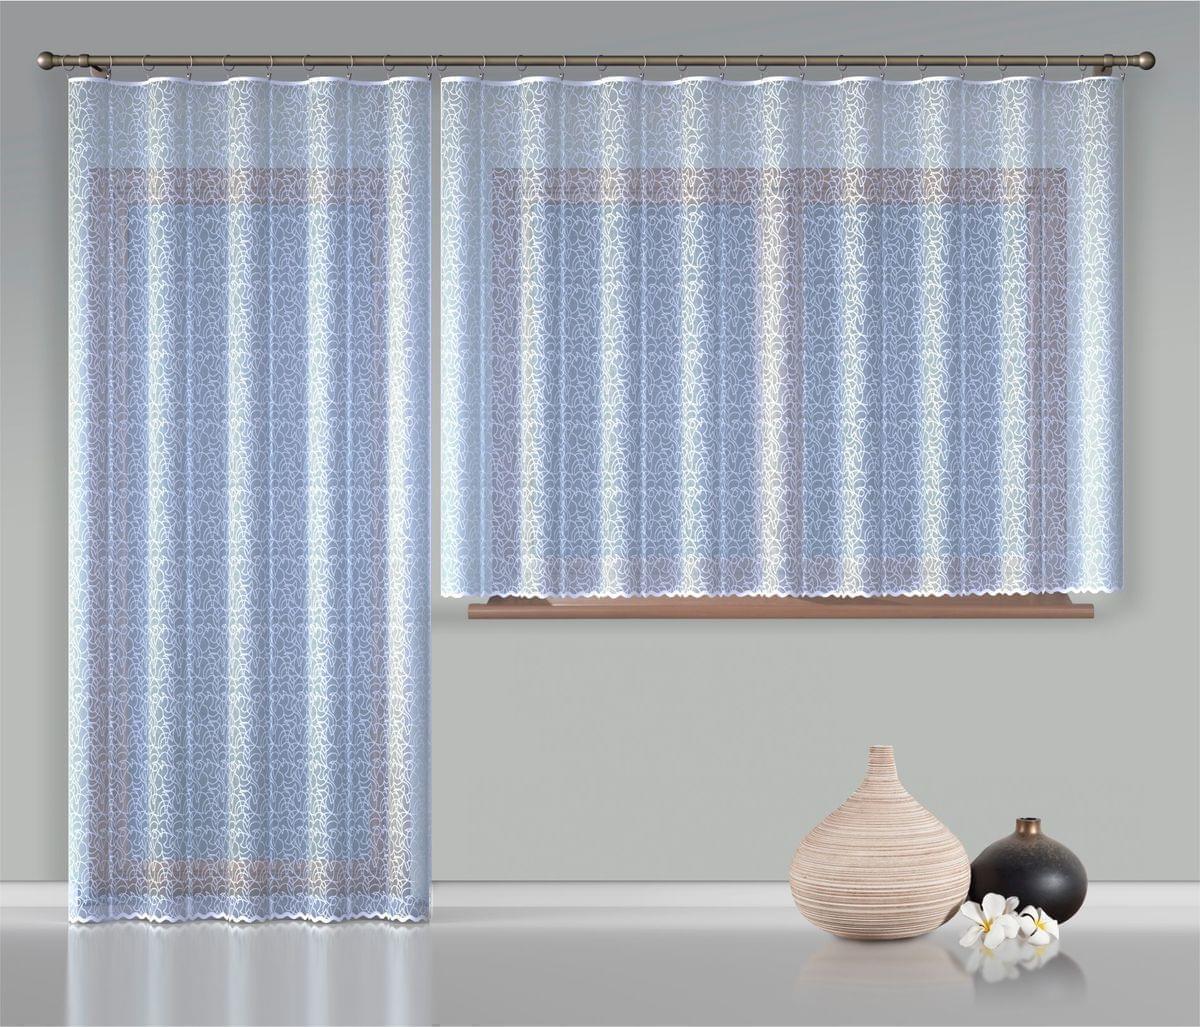 Forbyt, Hotová záclona nebo balkonový komplet, Anita, bílá 400 x 150 cm